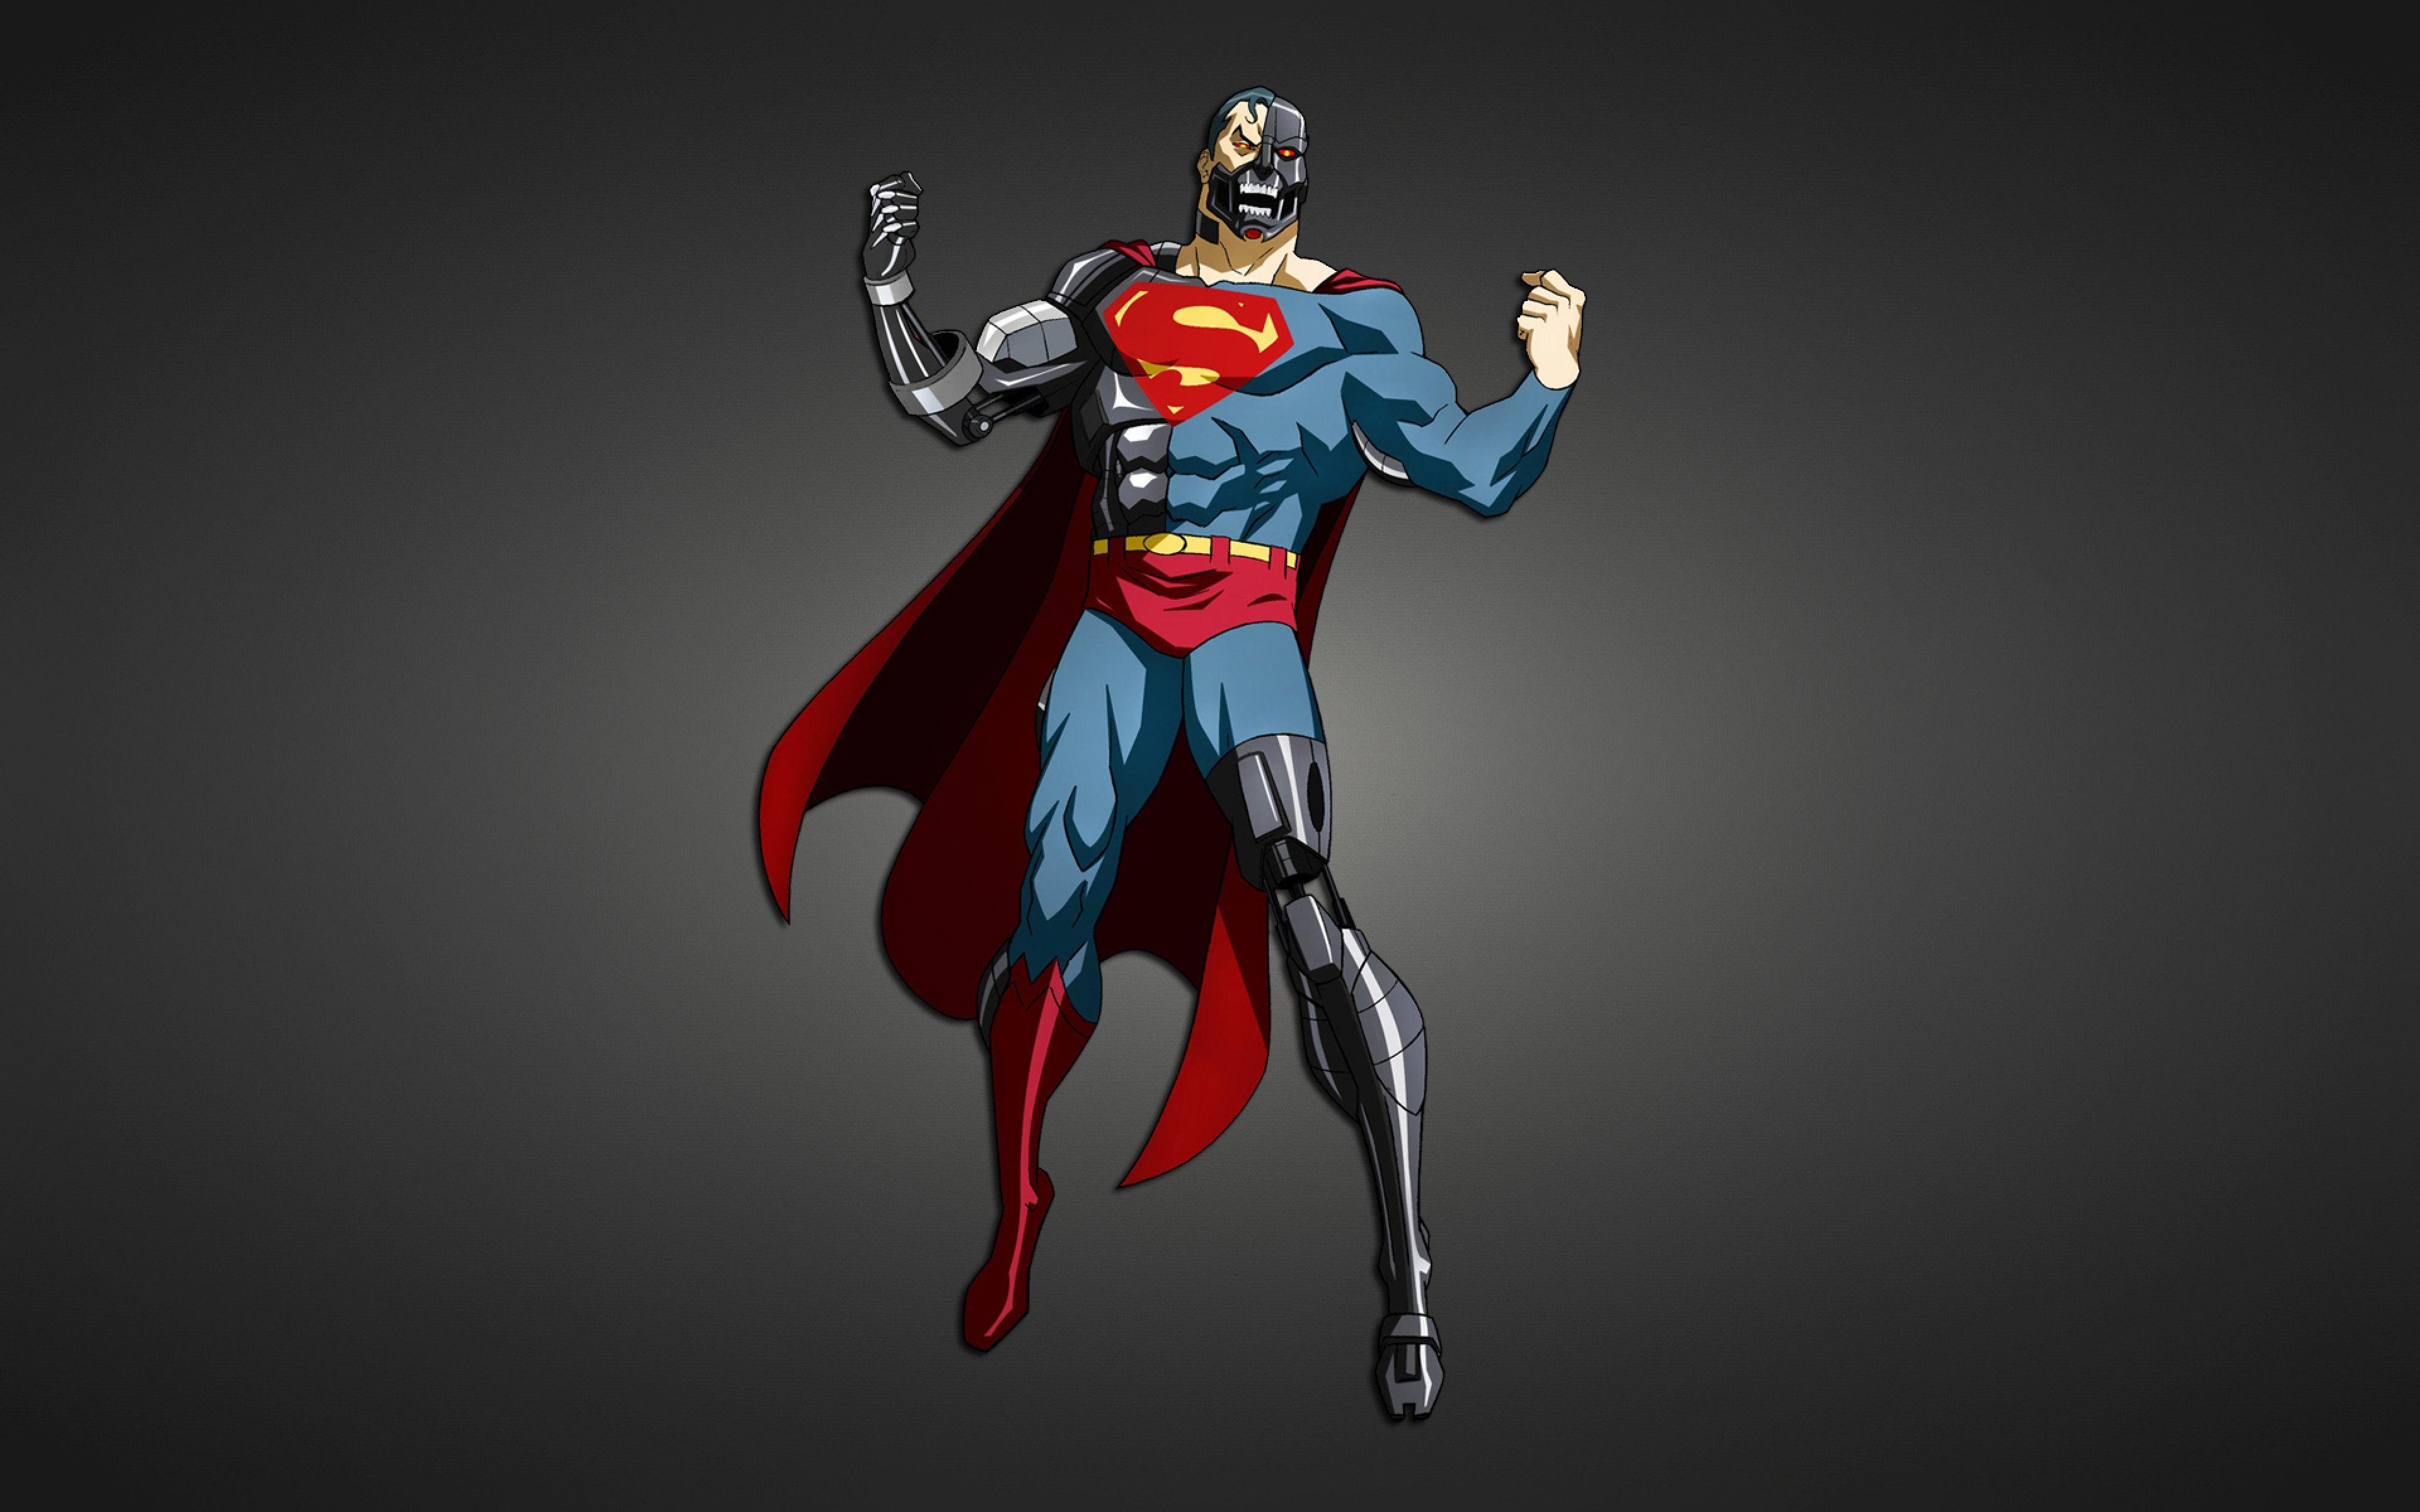 Desktophdwallpaper Org Superman Wallpaper Logo Superman Hd Wallpaper Superman Wallpaper